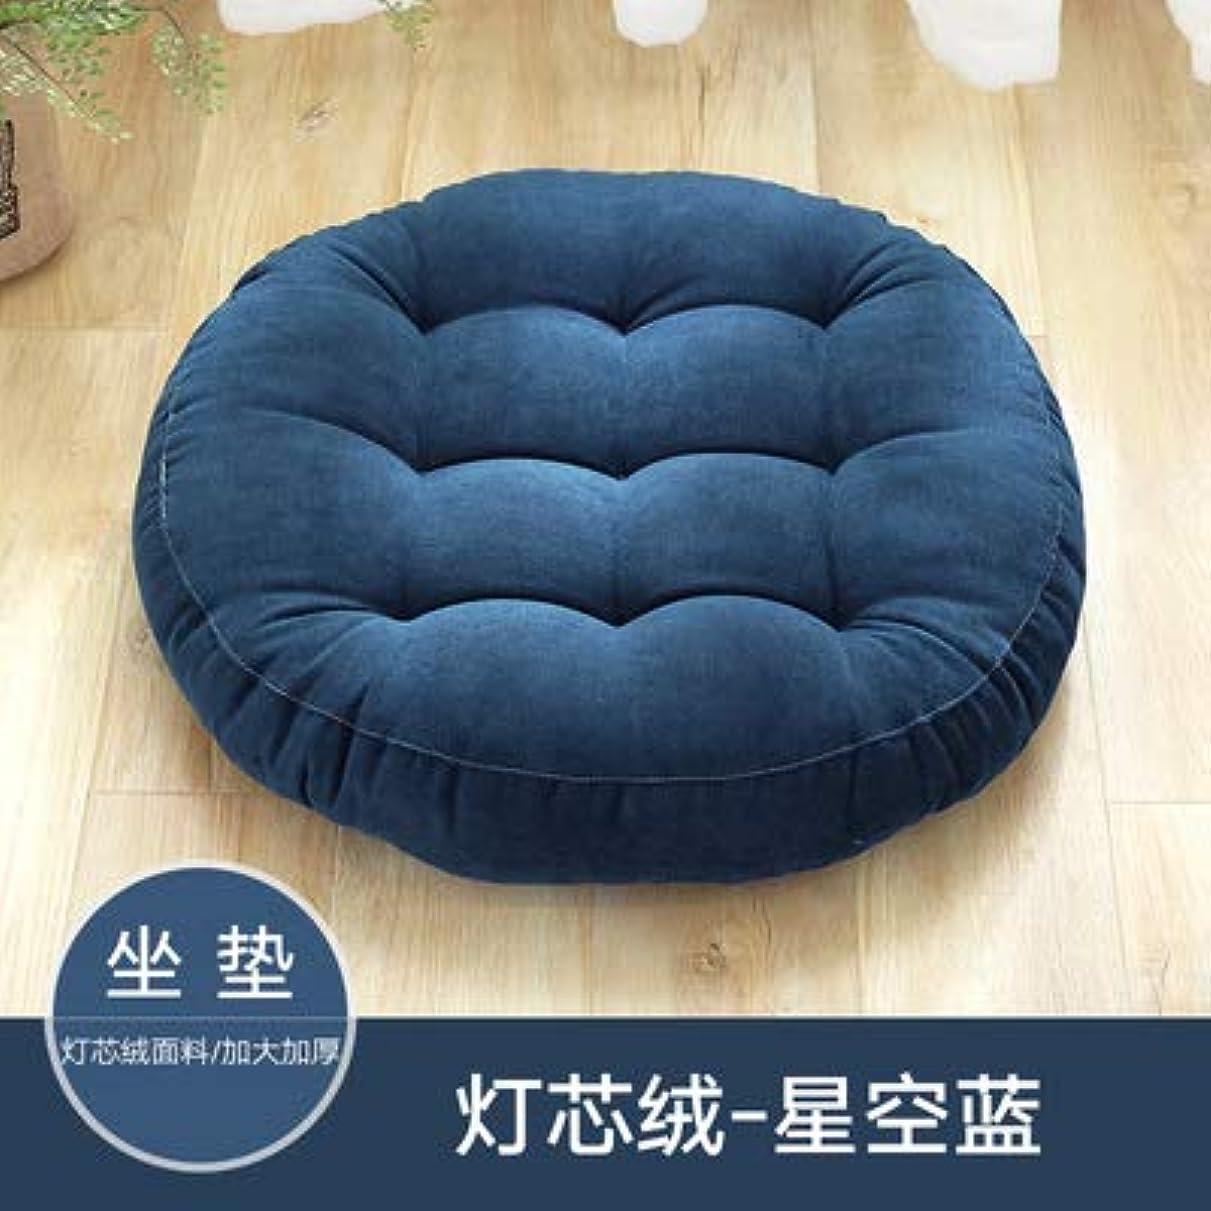 目を覚ます診療所円形LIFE ラウンド厚い椅子のクッションフロアマットレスシートパッドソフトホームオフィスチェアクッションマットソフトスロー枕最高品質の床クッション クッション 椅子